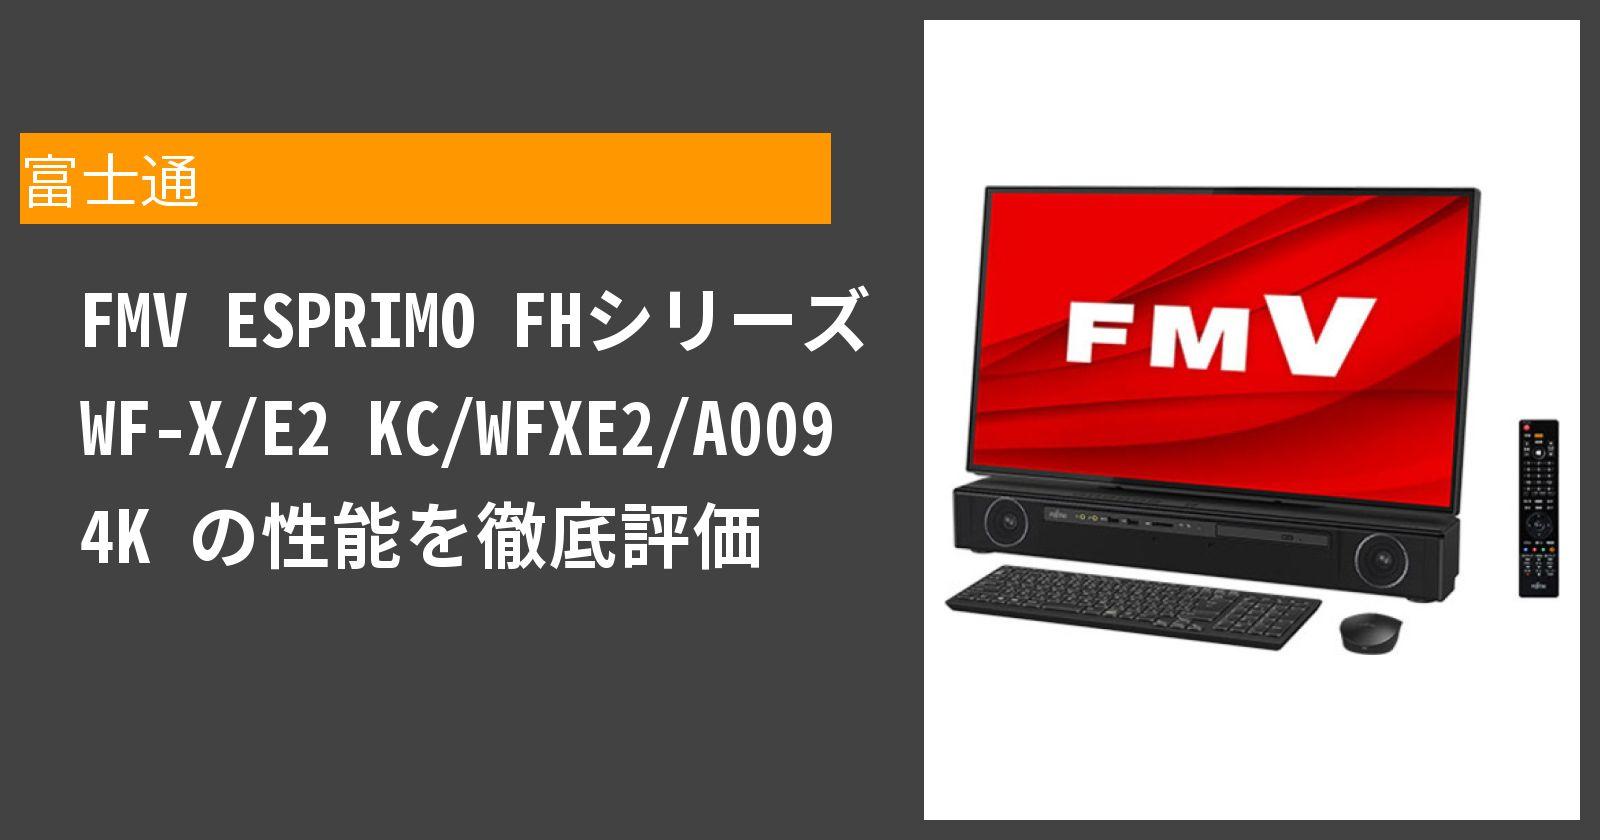 FMV ESPRIMO FHシリーズ WF-X/E2 KC/WFXE2/A009 4K の性能を徹底評価